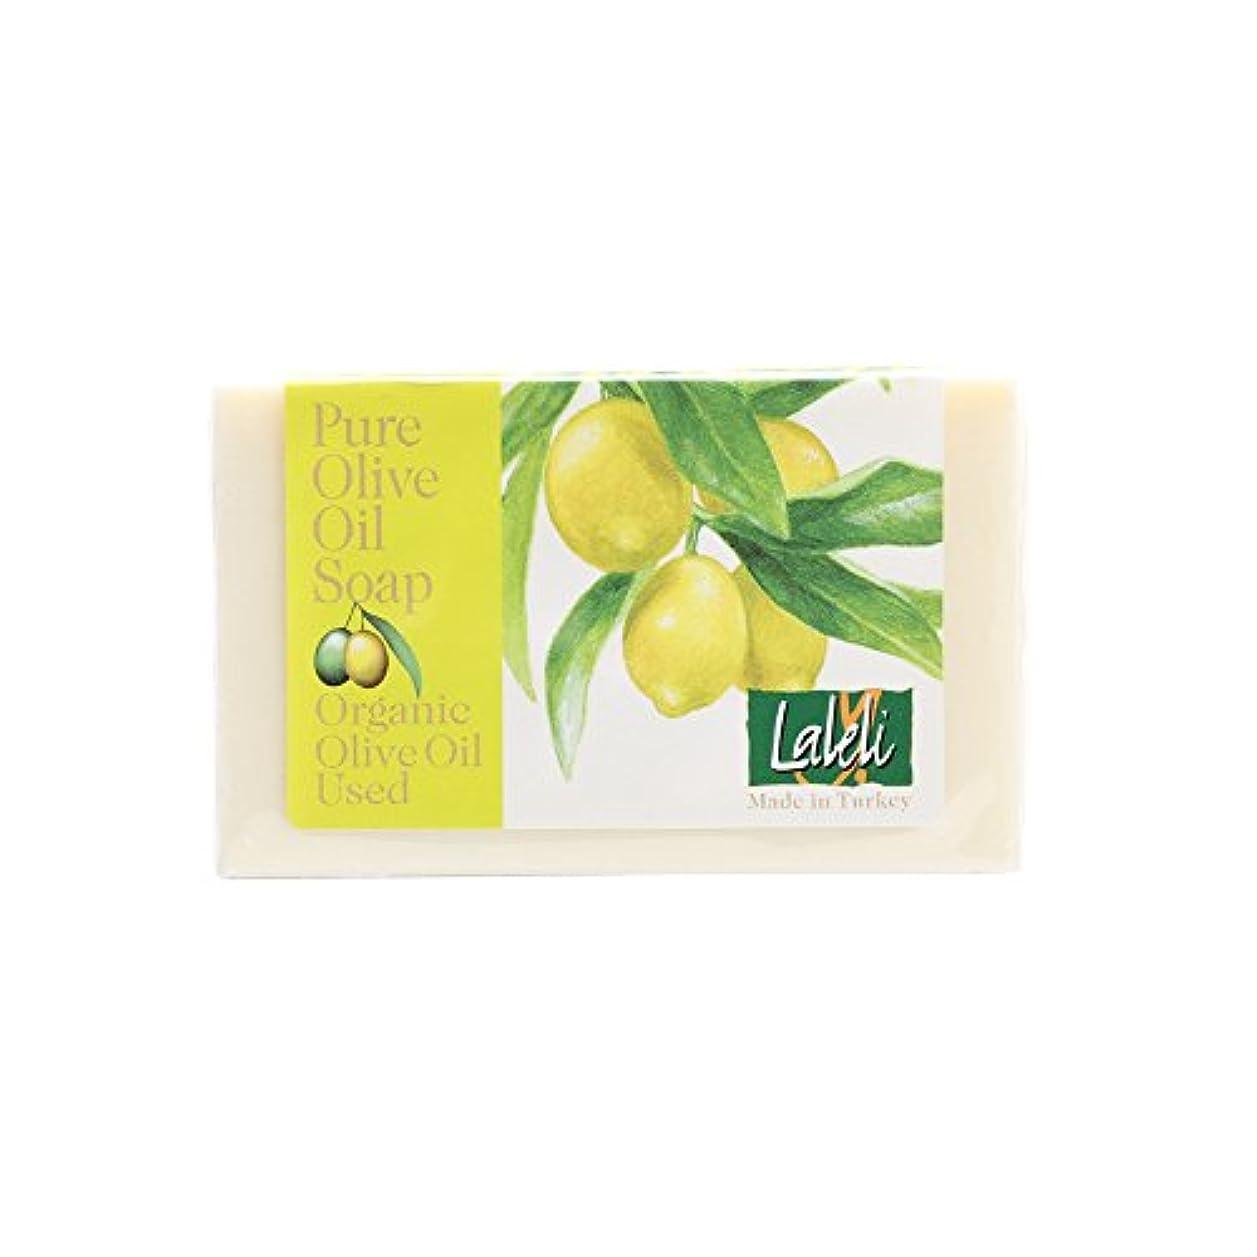 密接に傾向がある逸話ラーレリ オーガニックオリーブオイルソープ レモン 120g